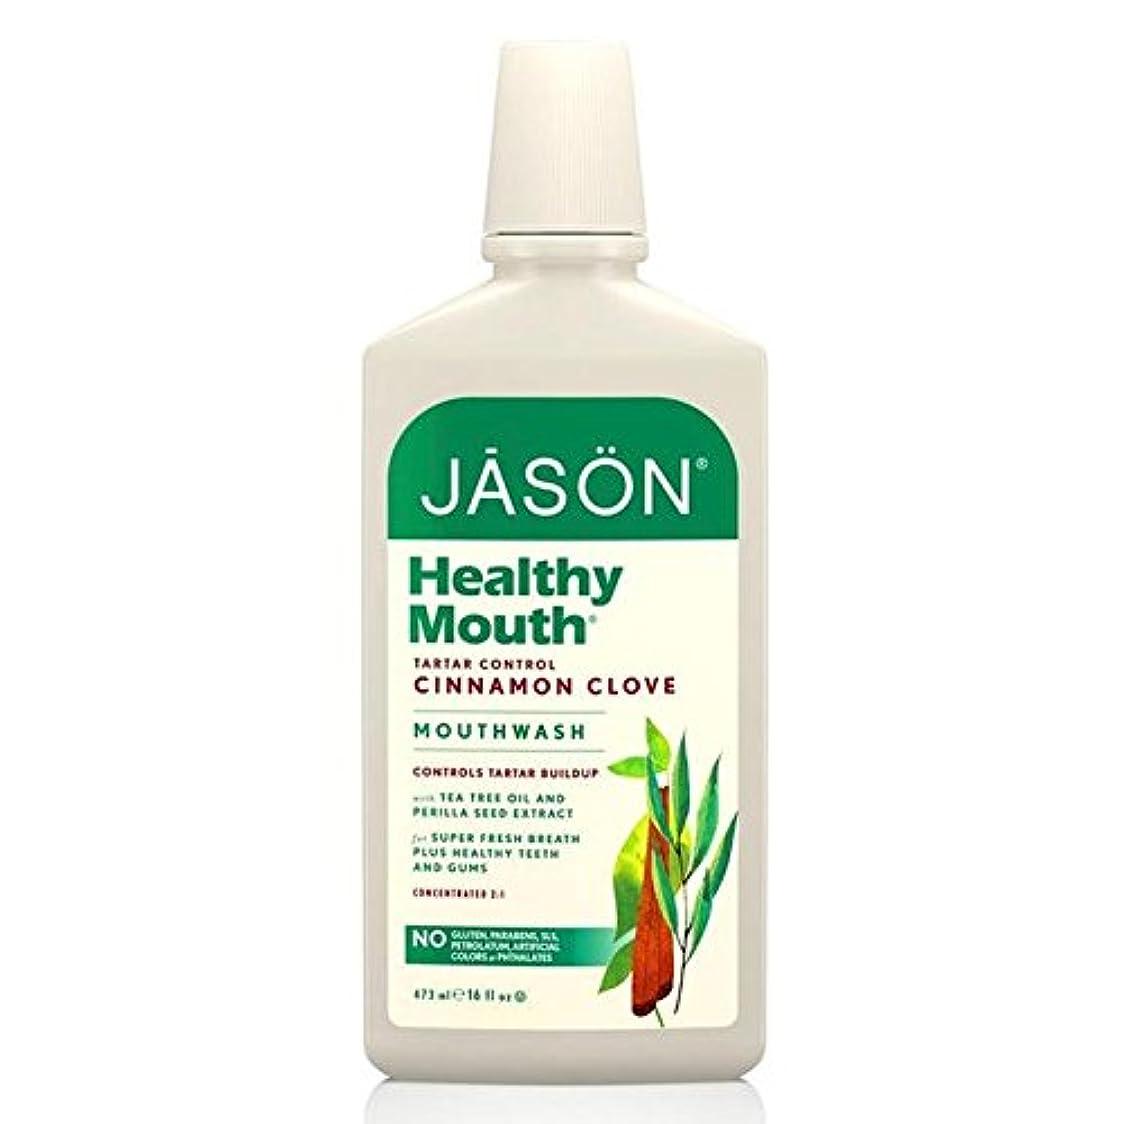 ジェイソン?健康マウスウォッシュ480ミリリットル x2 - Jason Healthy Mouthwash 480ml (Pack of 2) [並行輸入品]